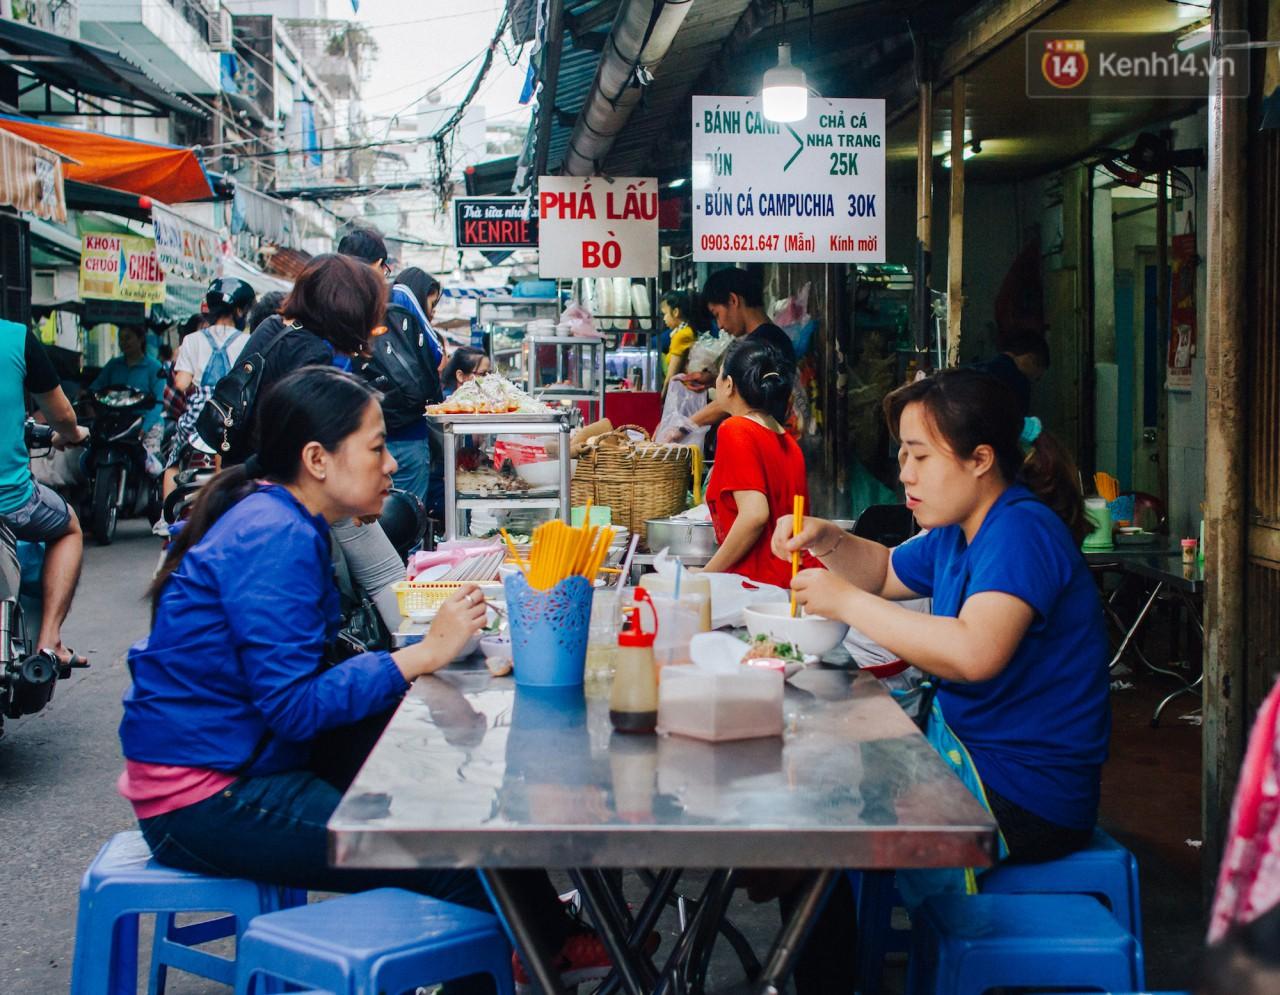 Chùm ảnh: Ở Sài Gòn, có một khu chợ mang tên Campuchia nằm trong hẻm nhỏ nhưng hội tụ đủ hàng ăn thức uống các vùng miền - Ảnh 11.